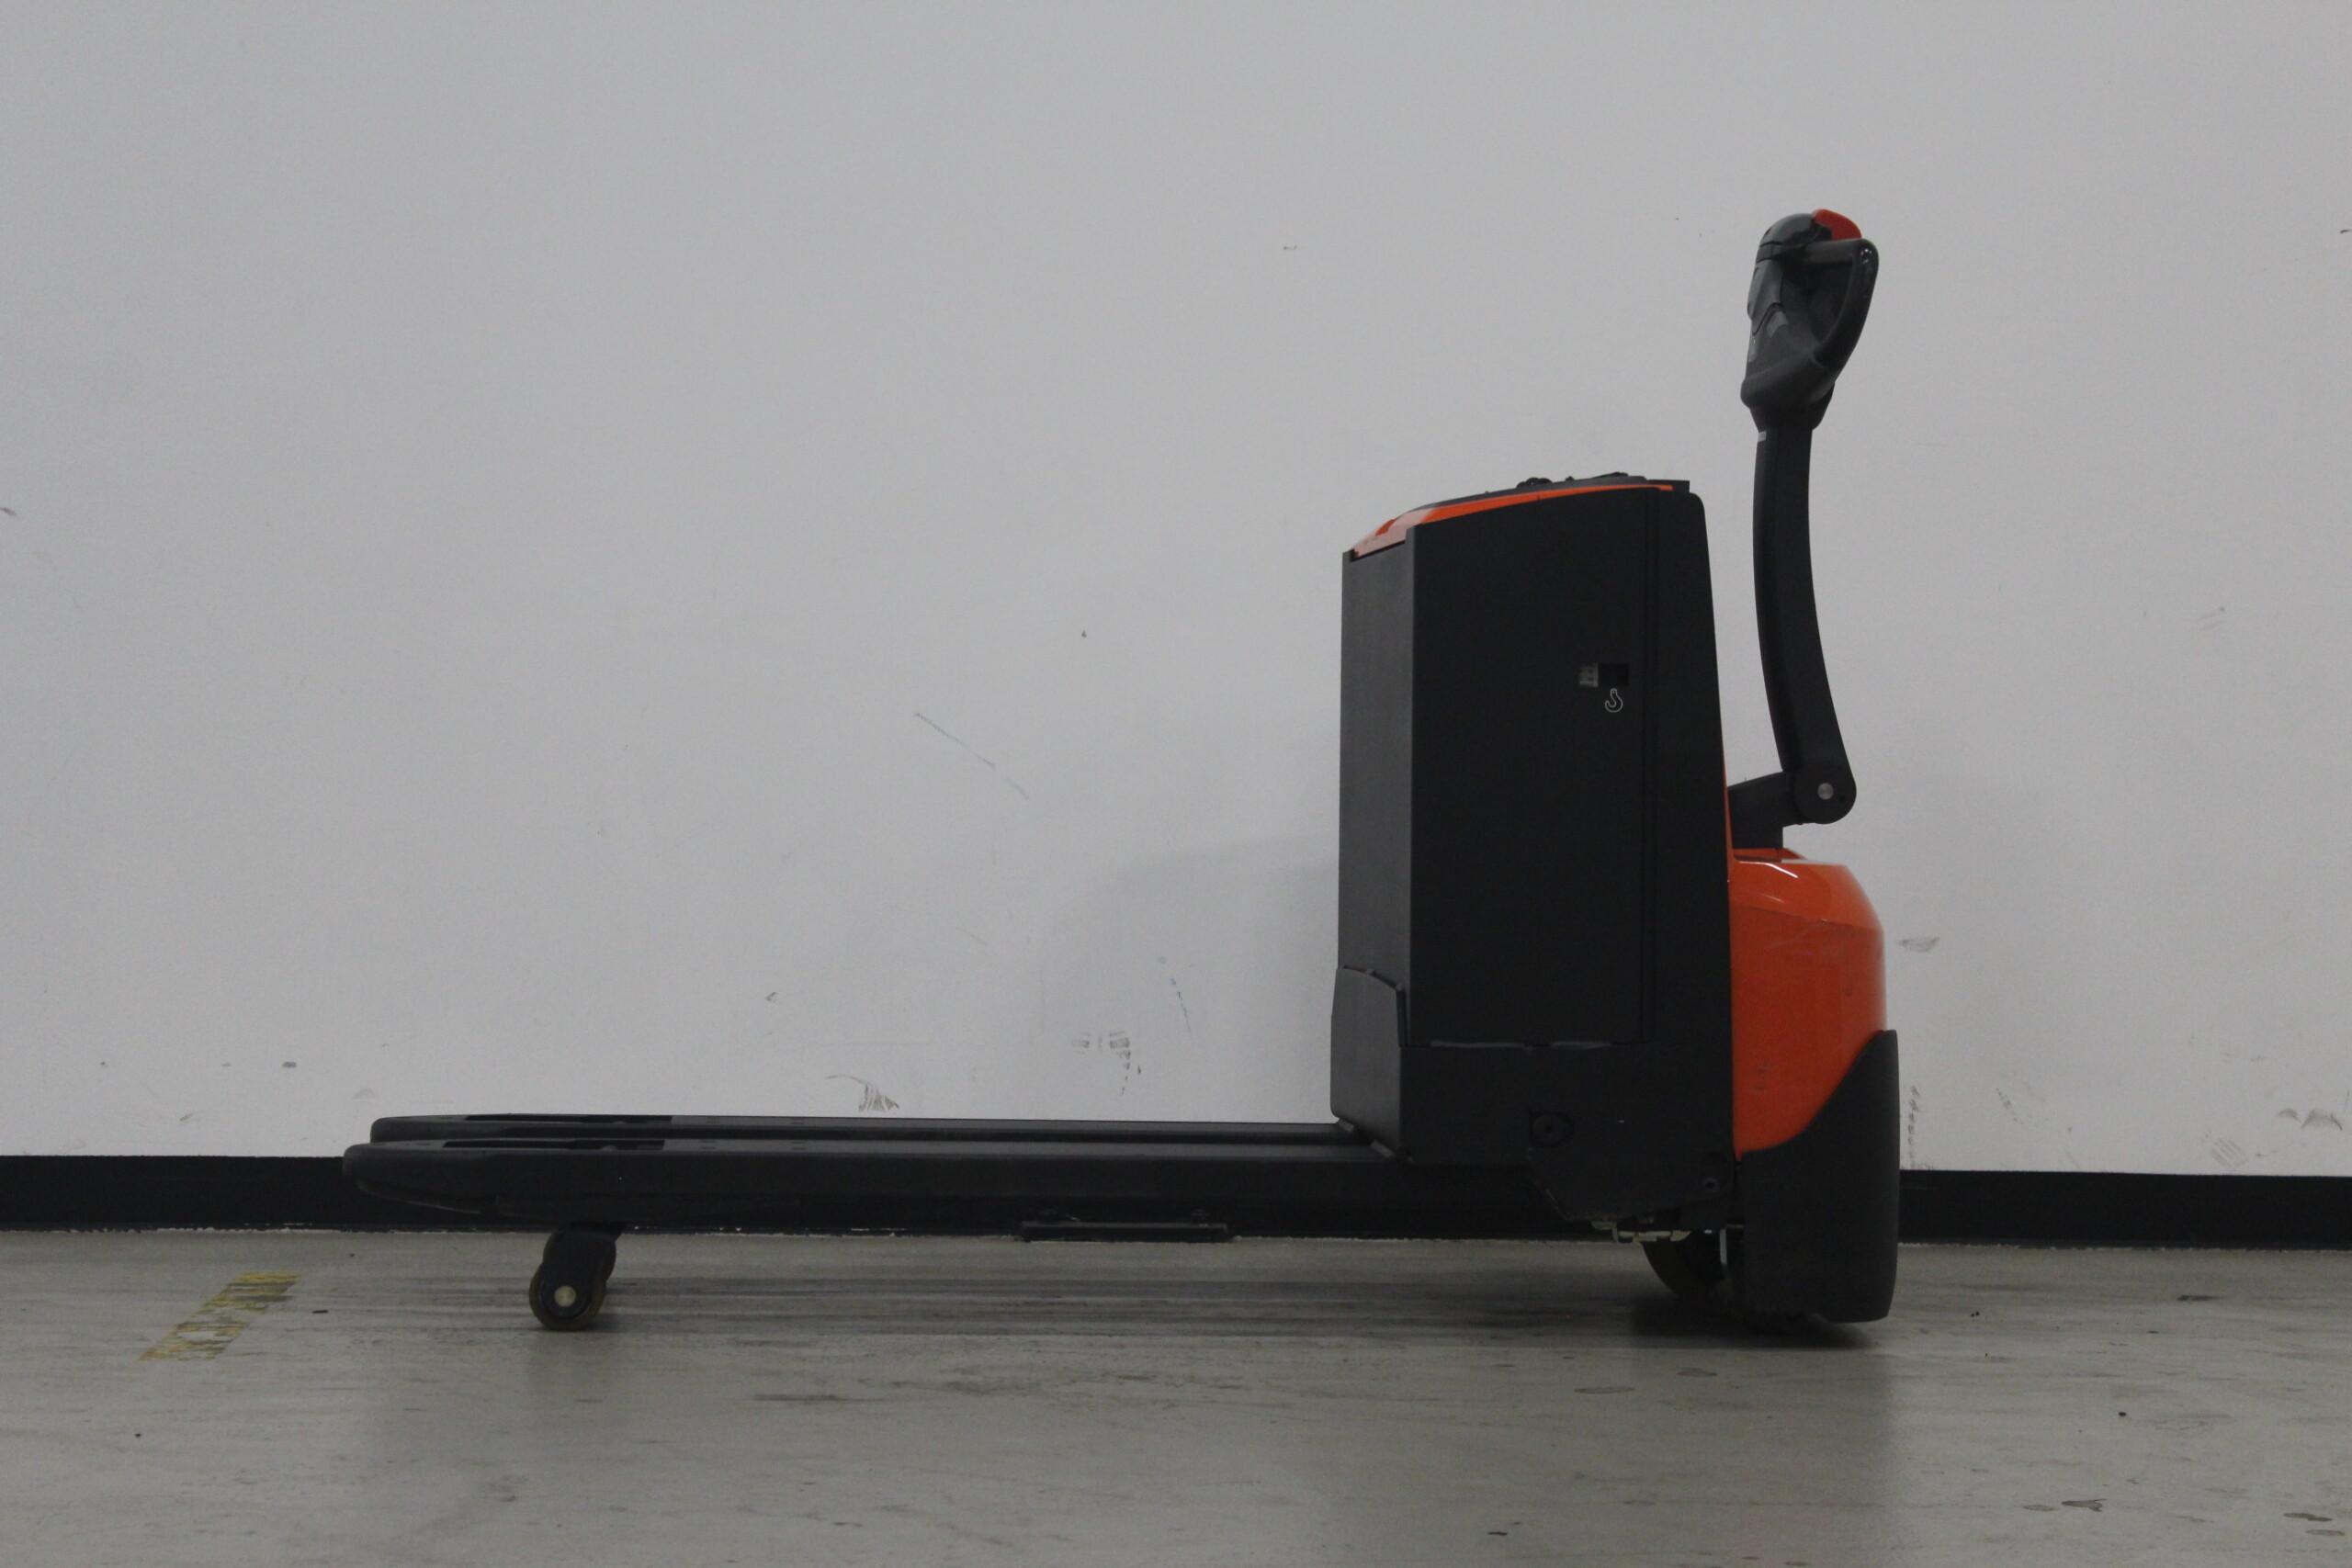 Toyota-Gabelstapler-59840 1610006838 1 37 scaled